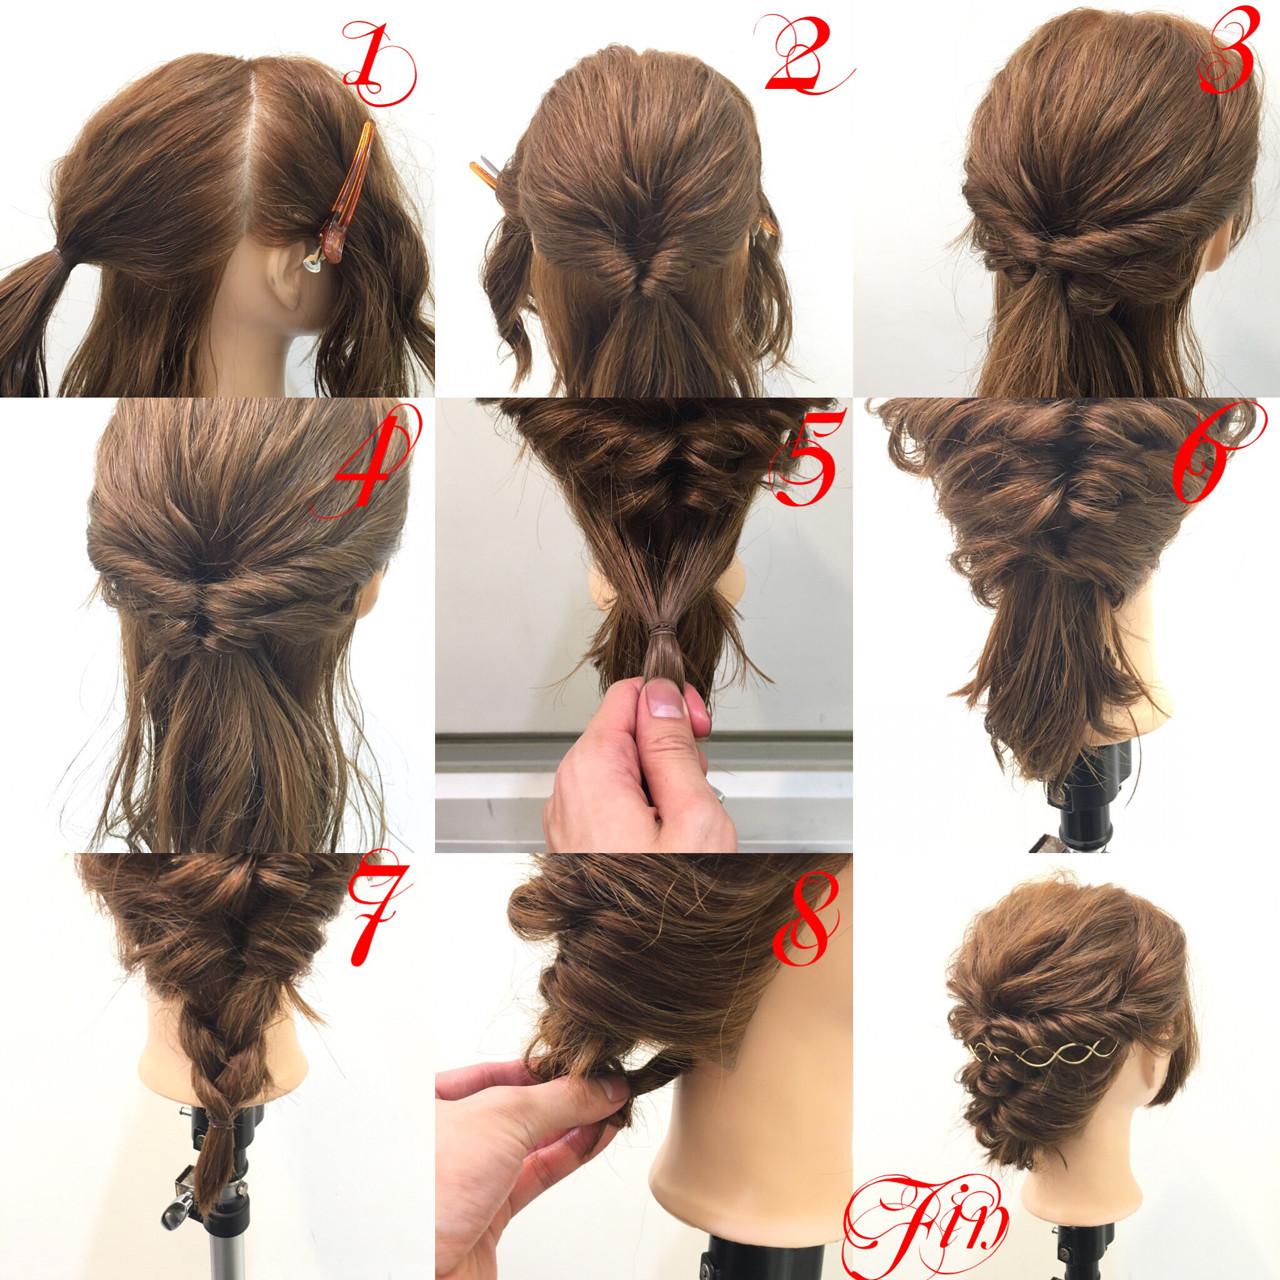 まとめ髪 ヘアアレンジ 簡単ヘアアレンジ ショート ヘアスタイルや髪型の写真・画像